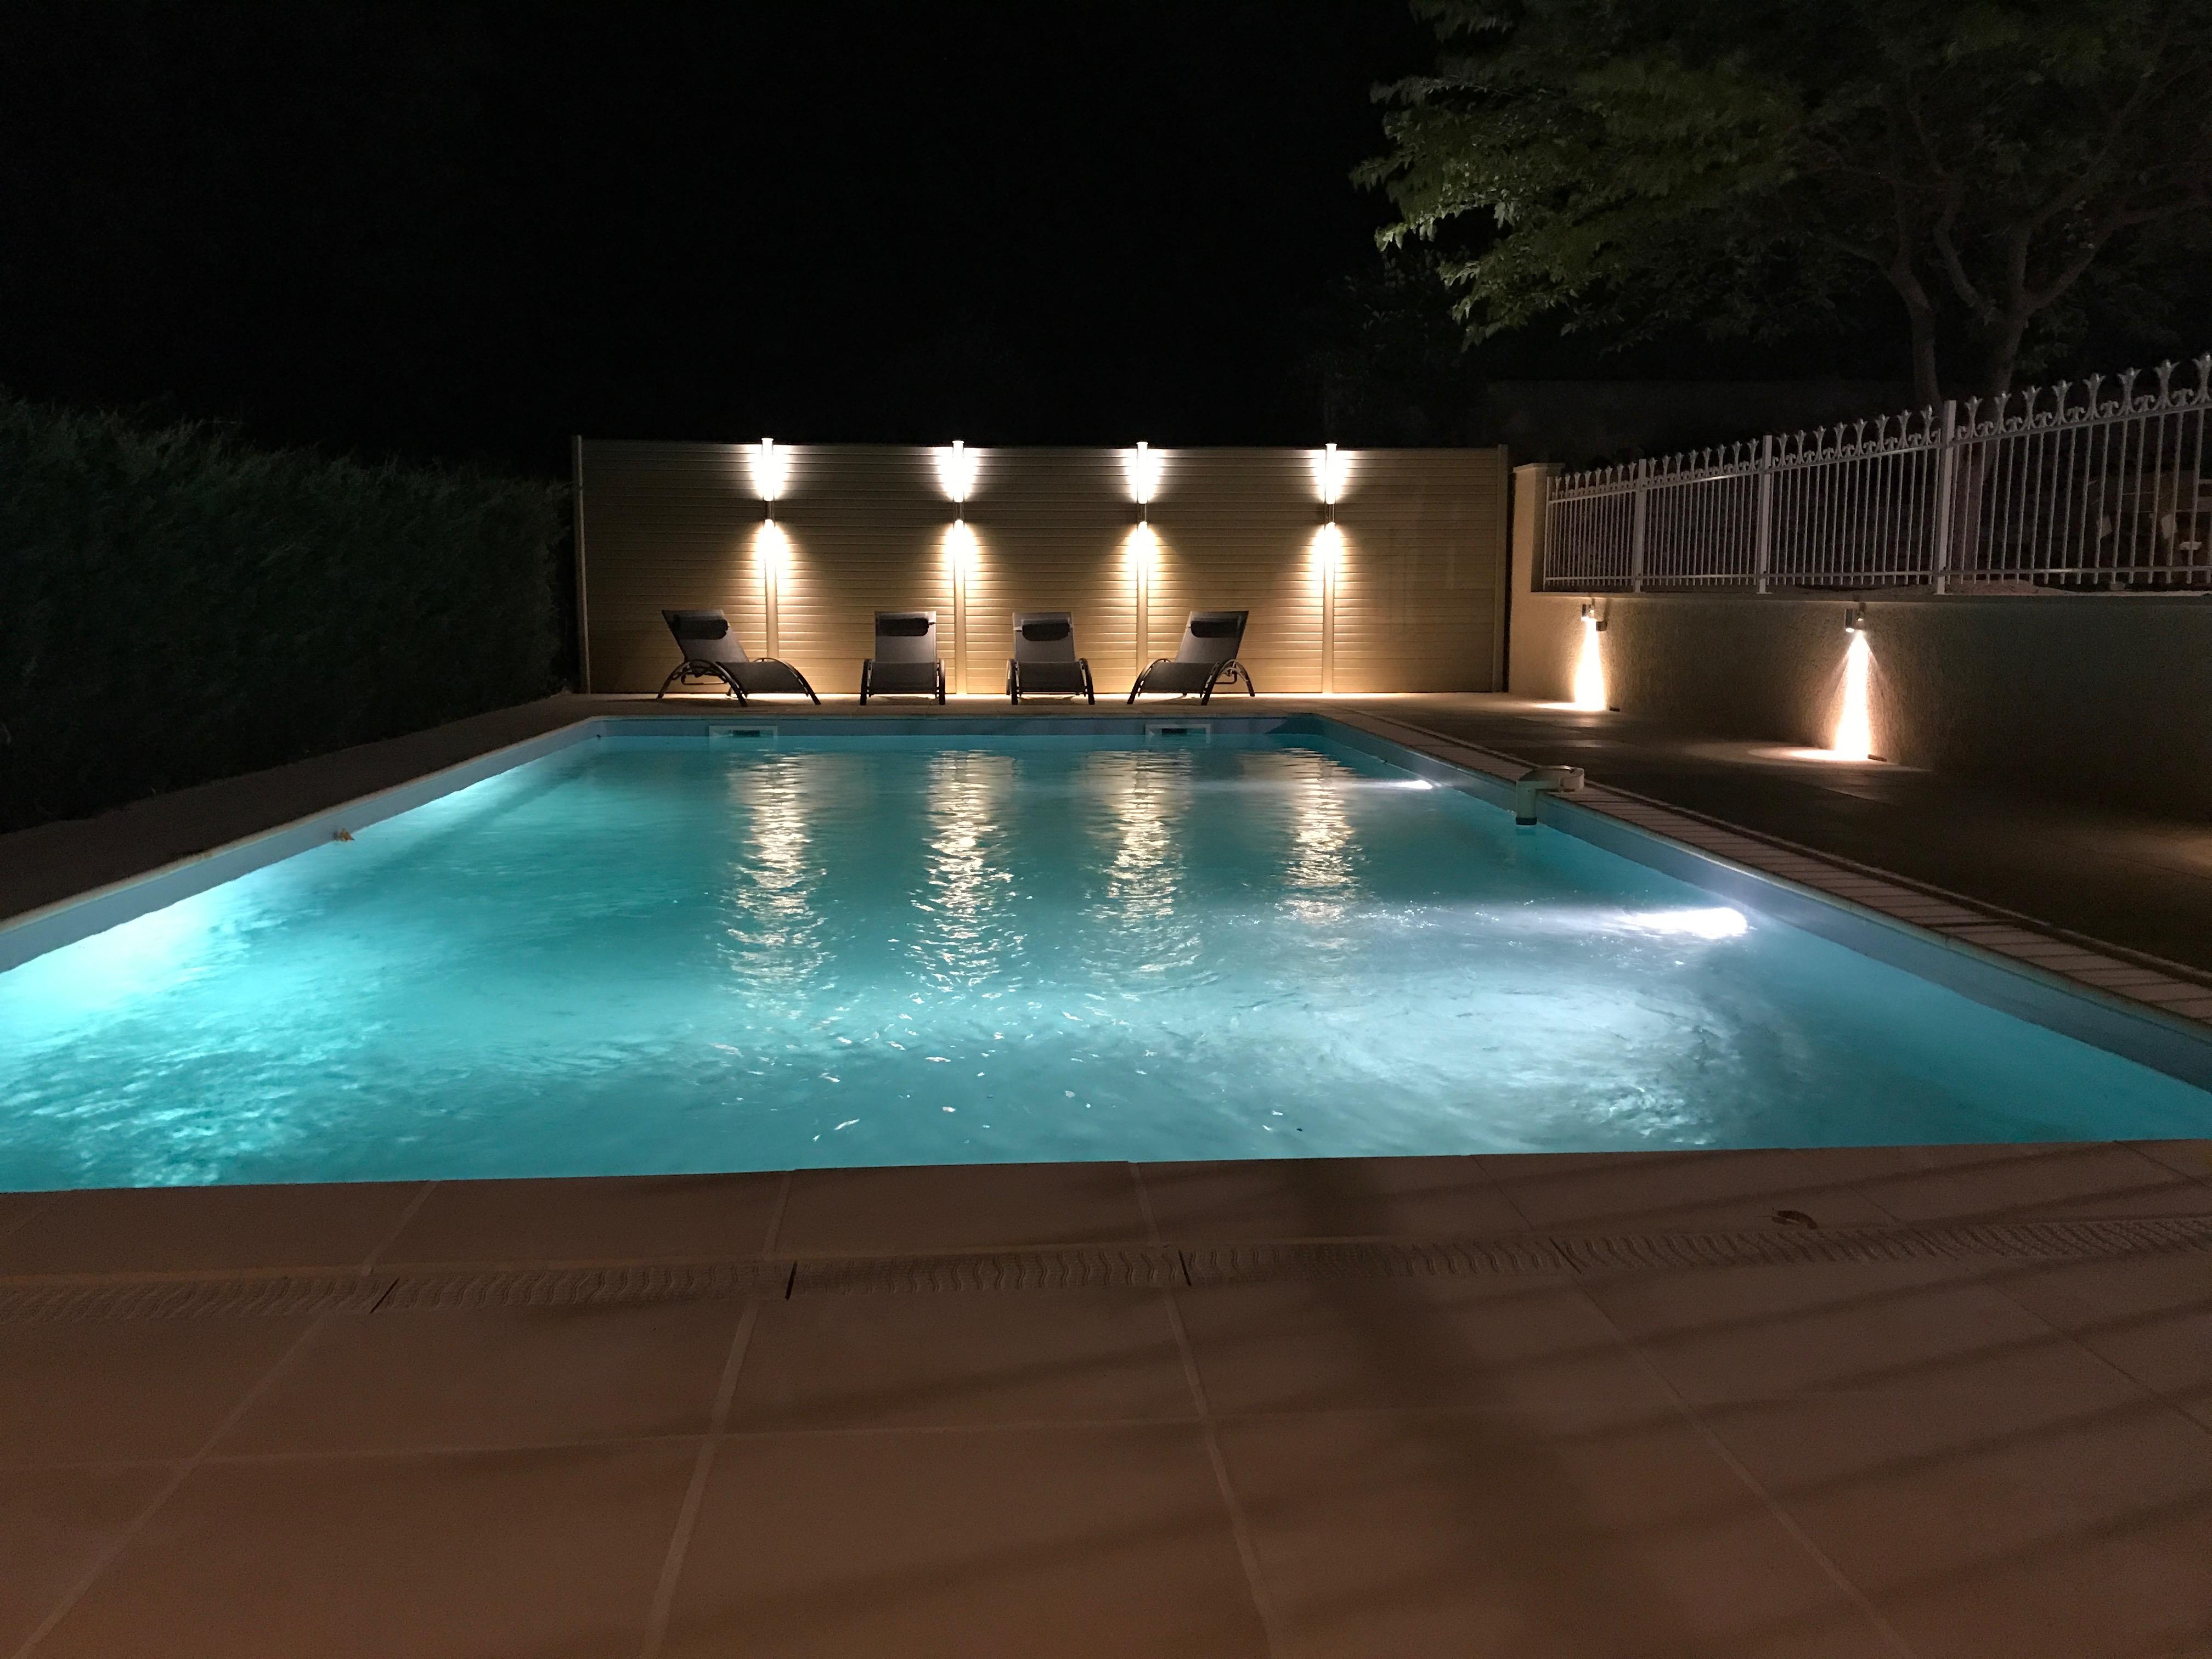 zwembad verlicht nachtfoto